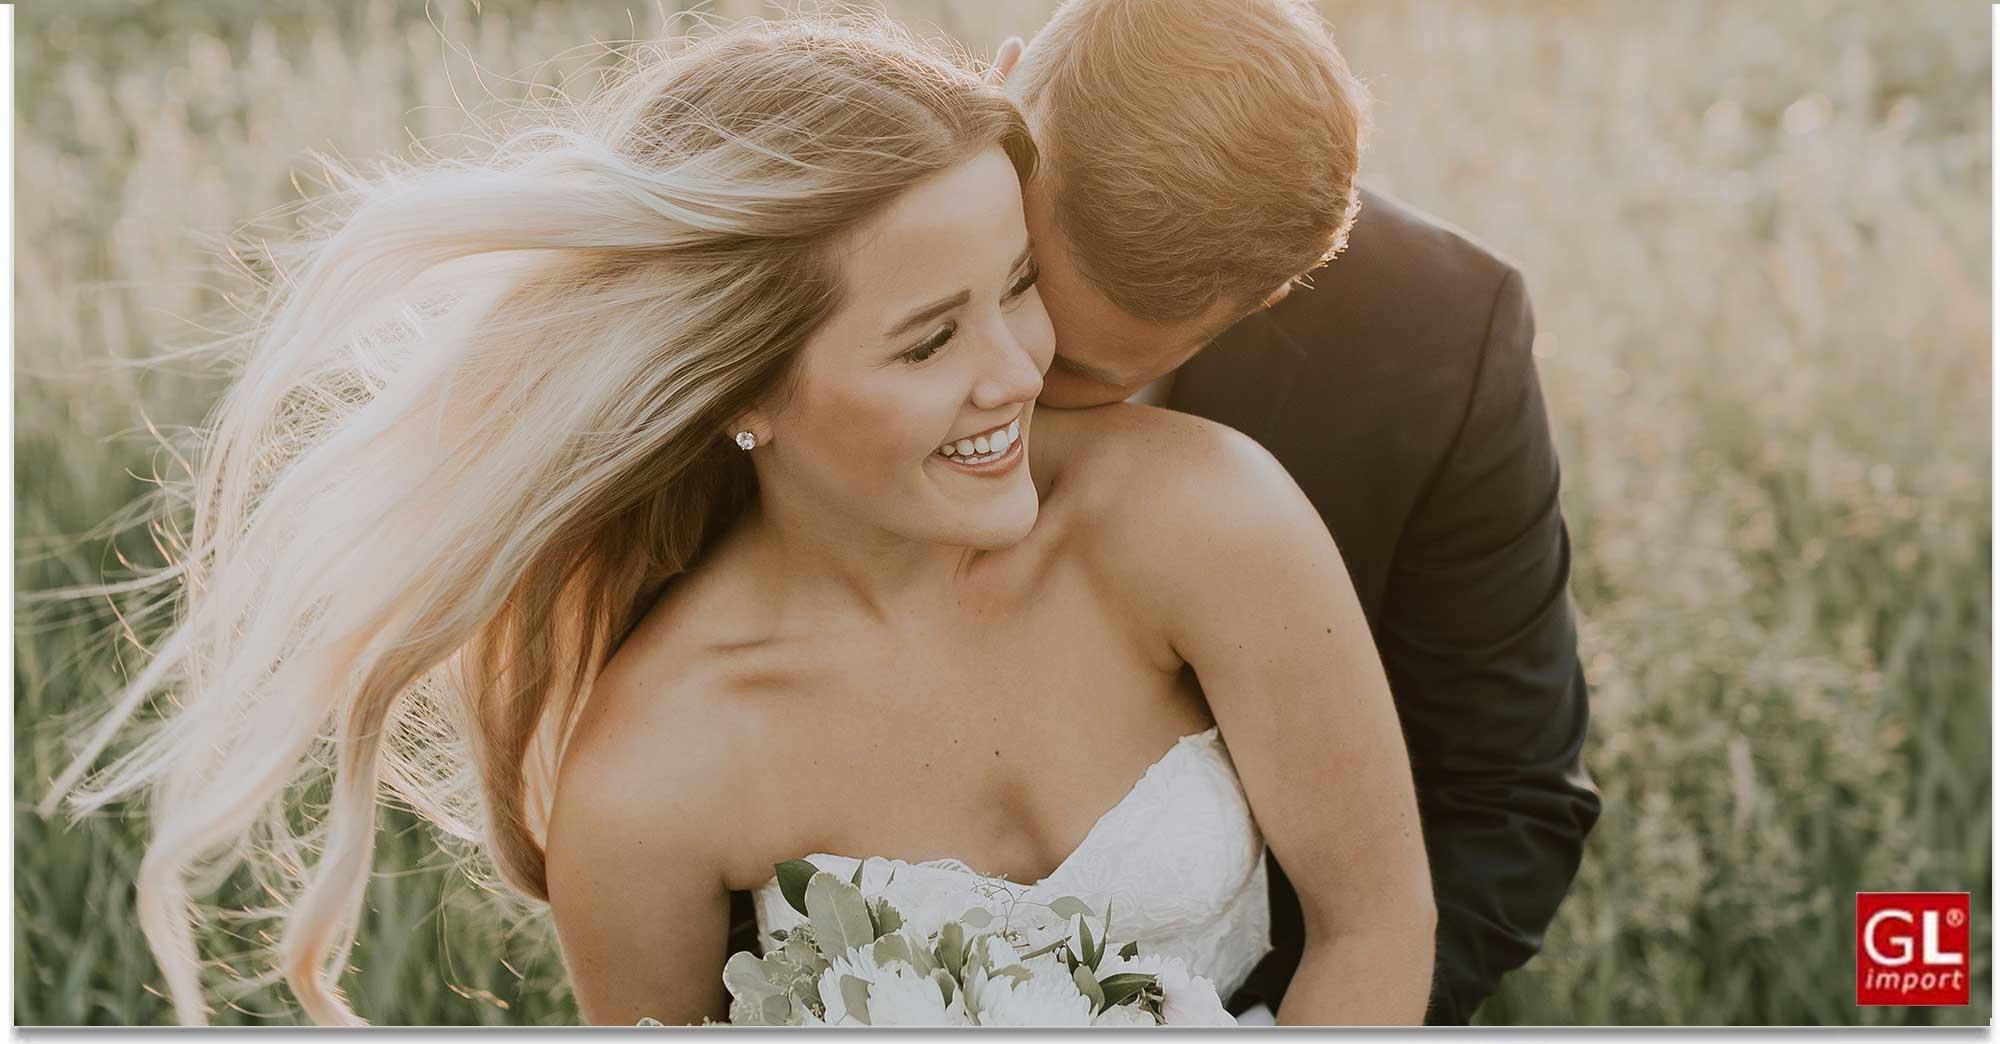 Regalos personalizados de boda más que original con Brind'OR